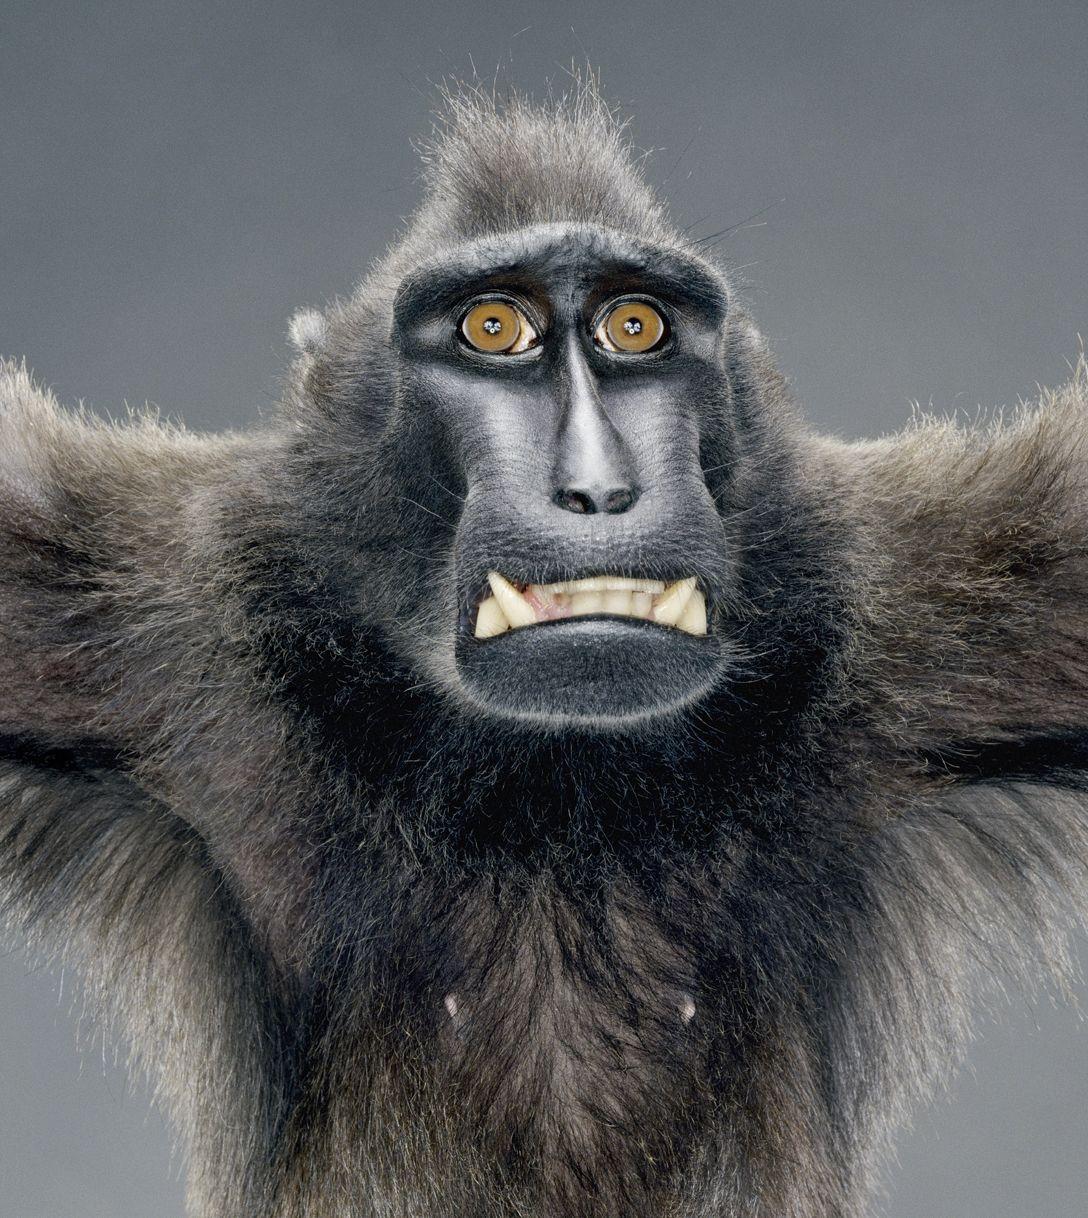 Фото офисных работников с приколом в роле обезьян 7